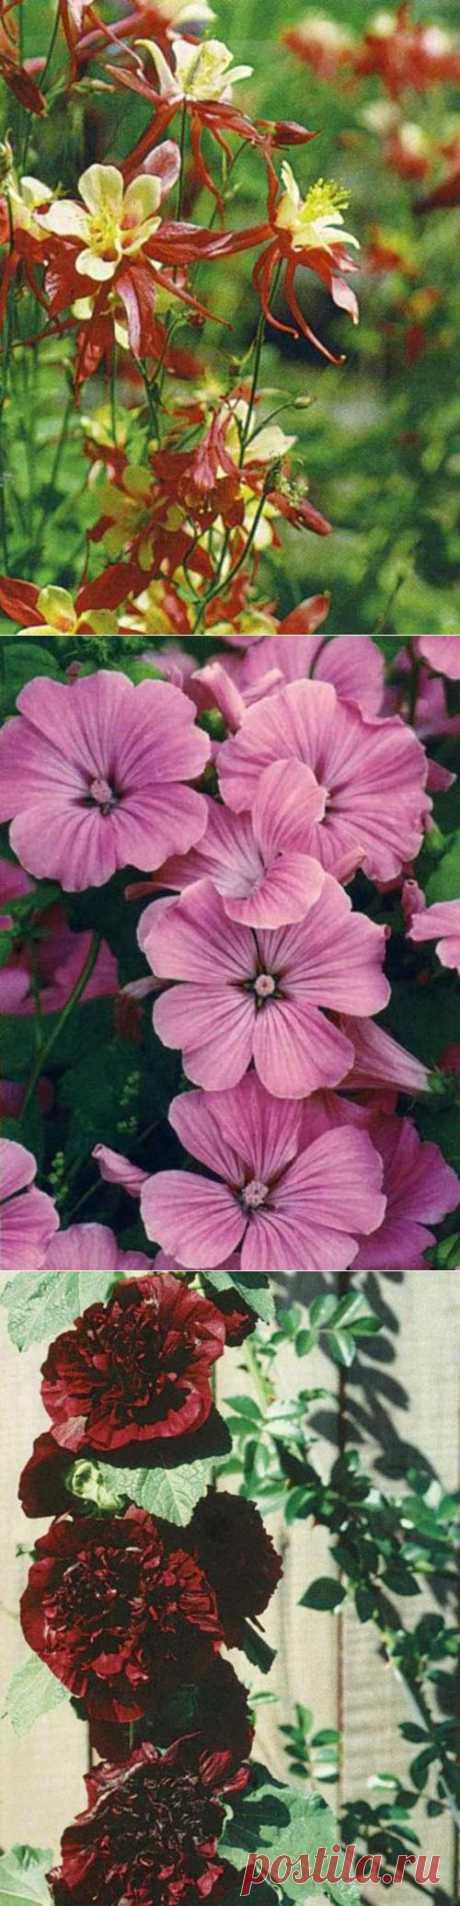 Цветы для палисадника - Аквилегия, Лаватера, Мальва